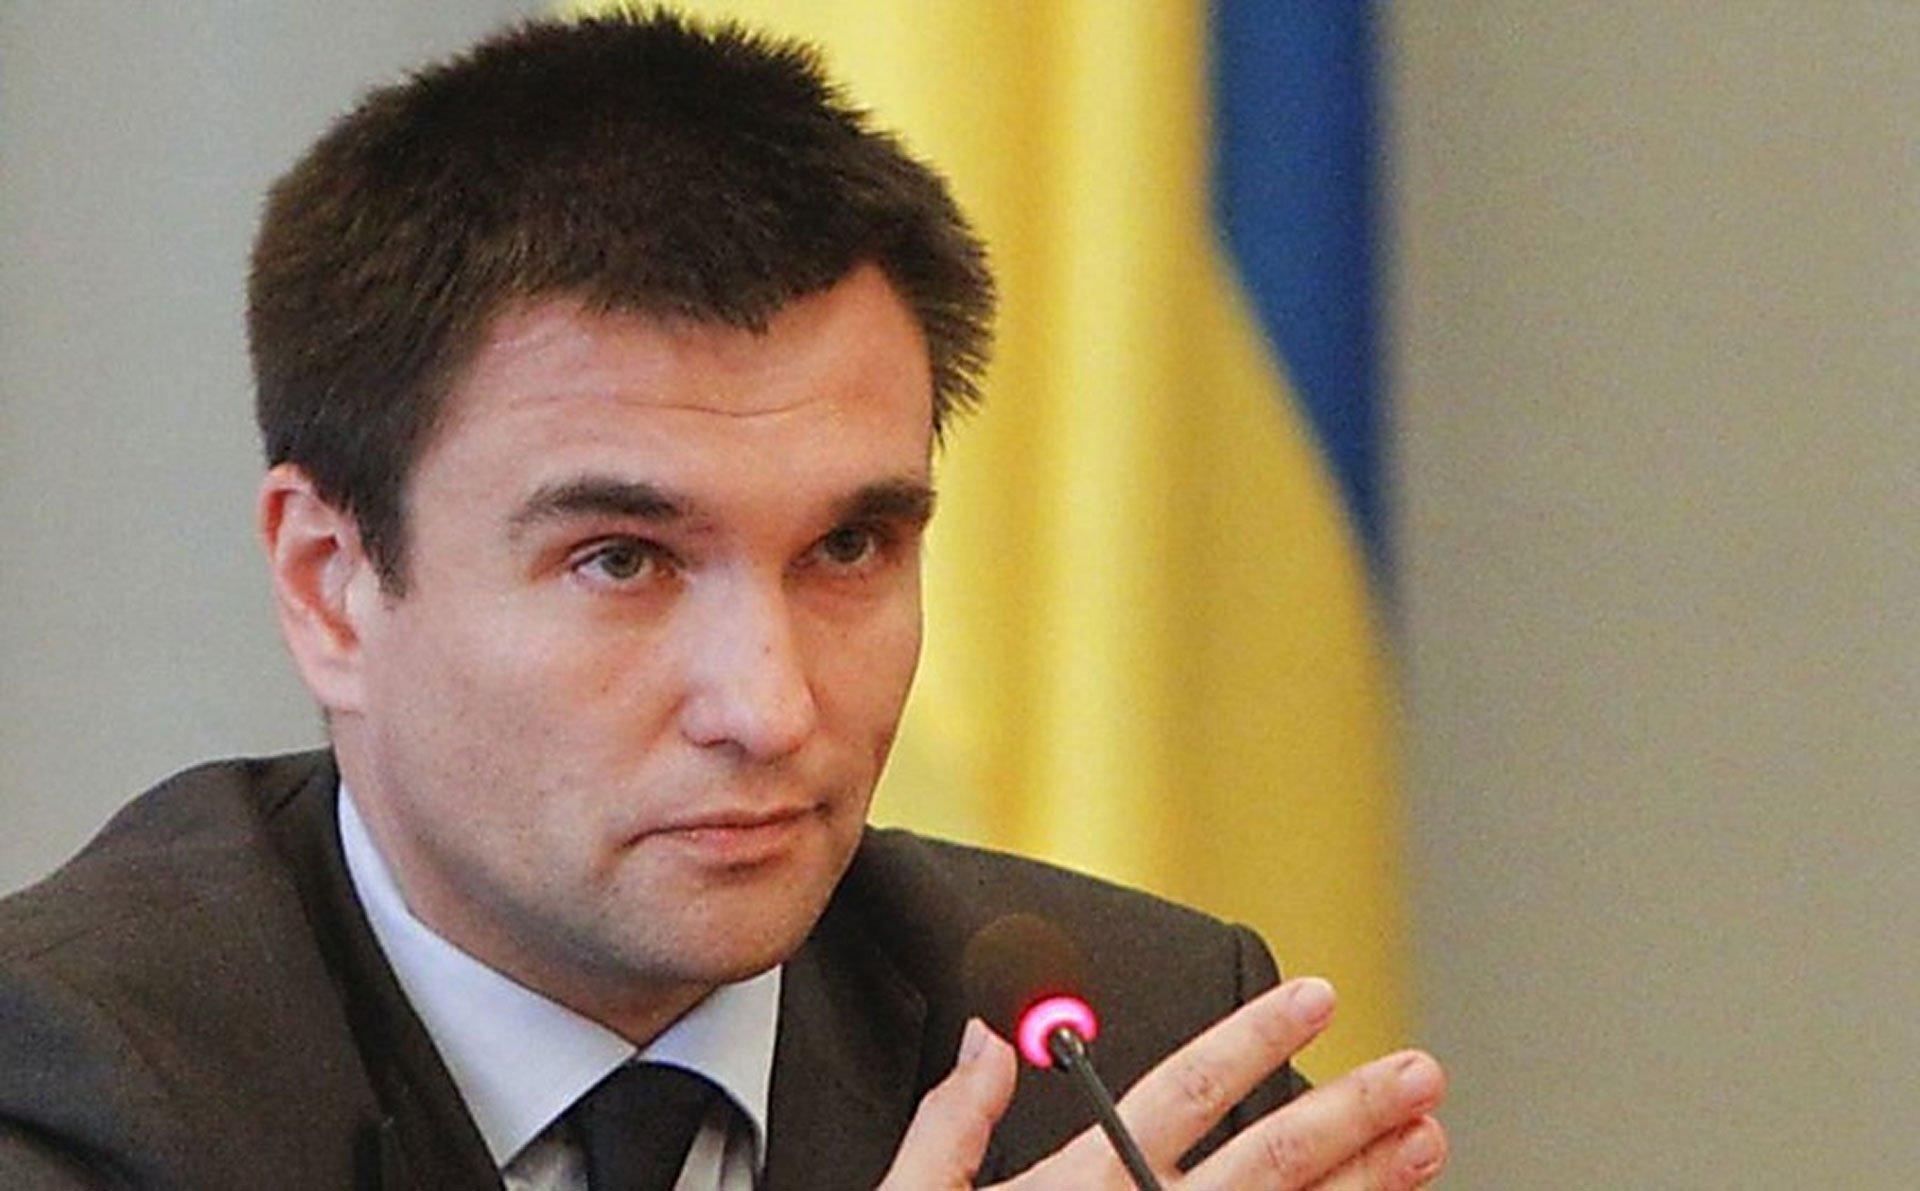 Киев выдвинул условия для проведения новоиспеченной встречи внормандском формате